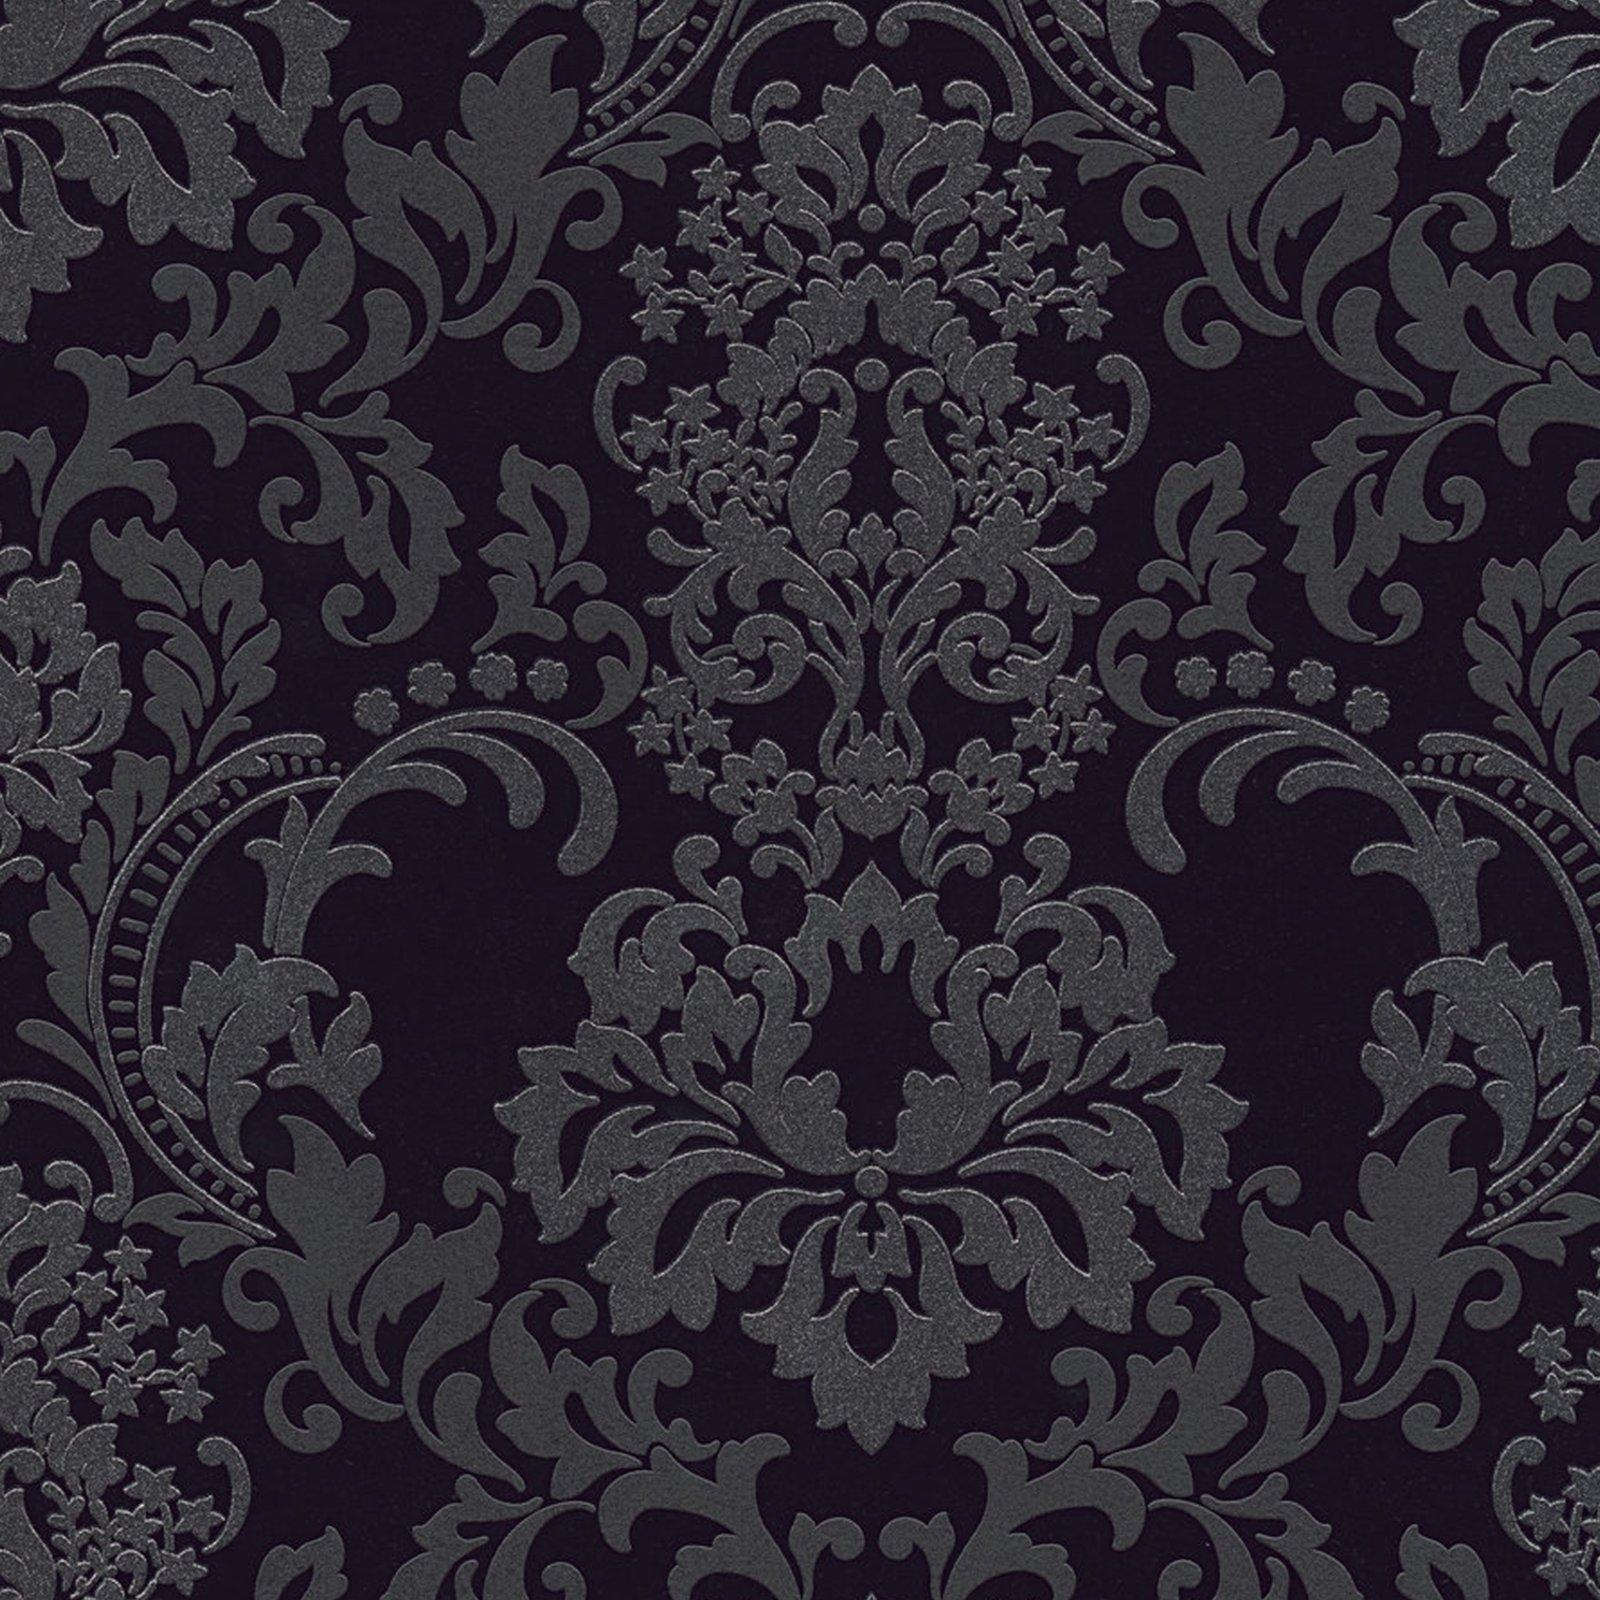 A.S. Creation Vliestapete NEUE BUDE 2.0 - schwarz - Ornamente - 10 Meter